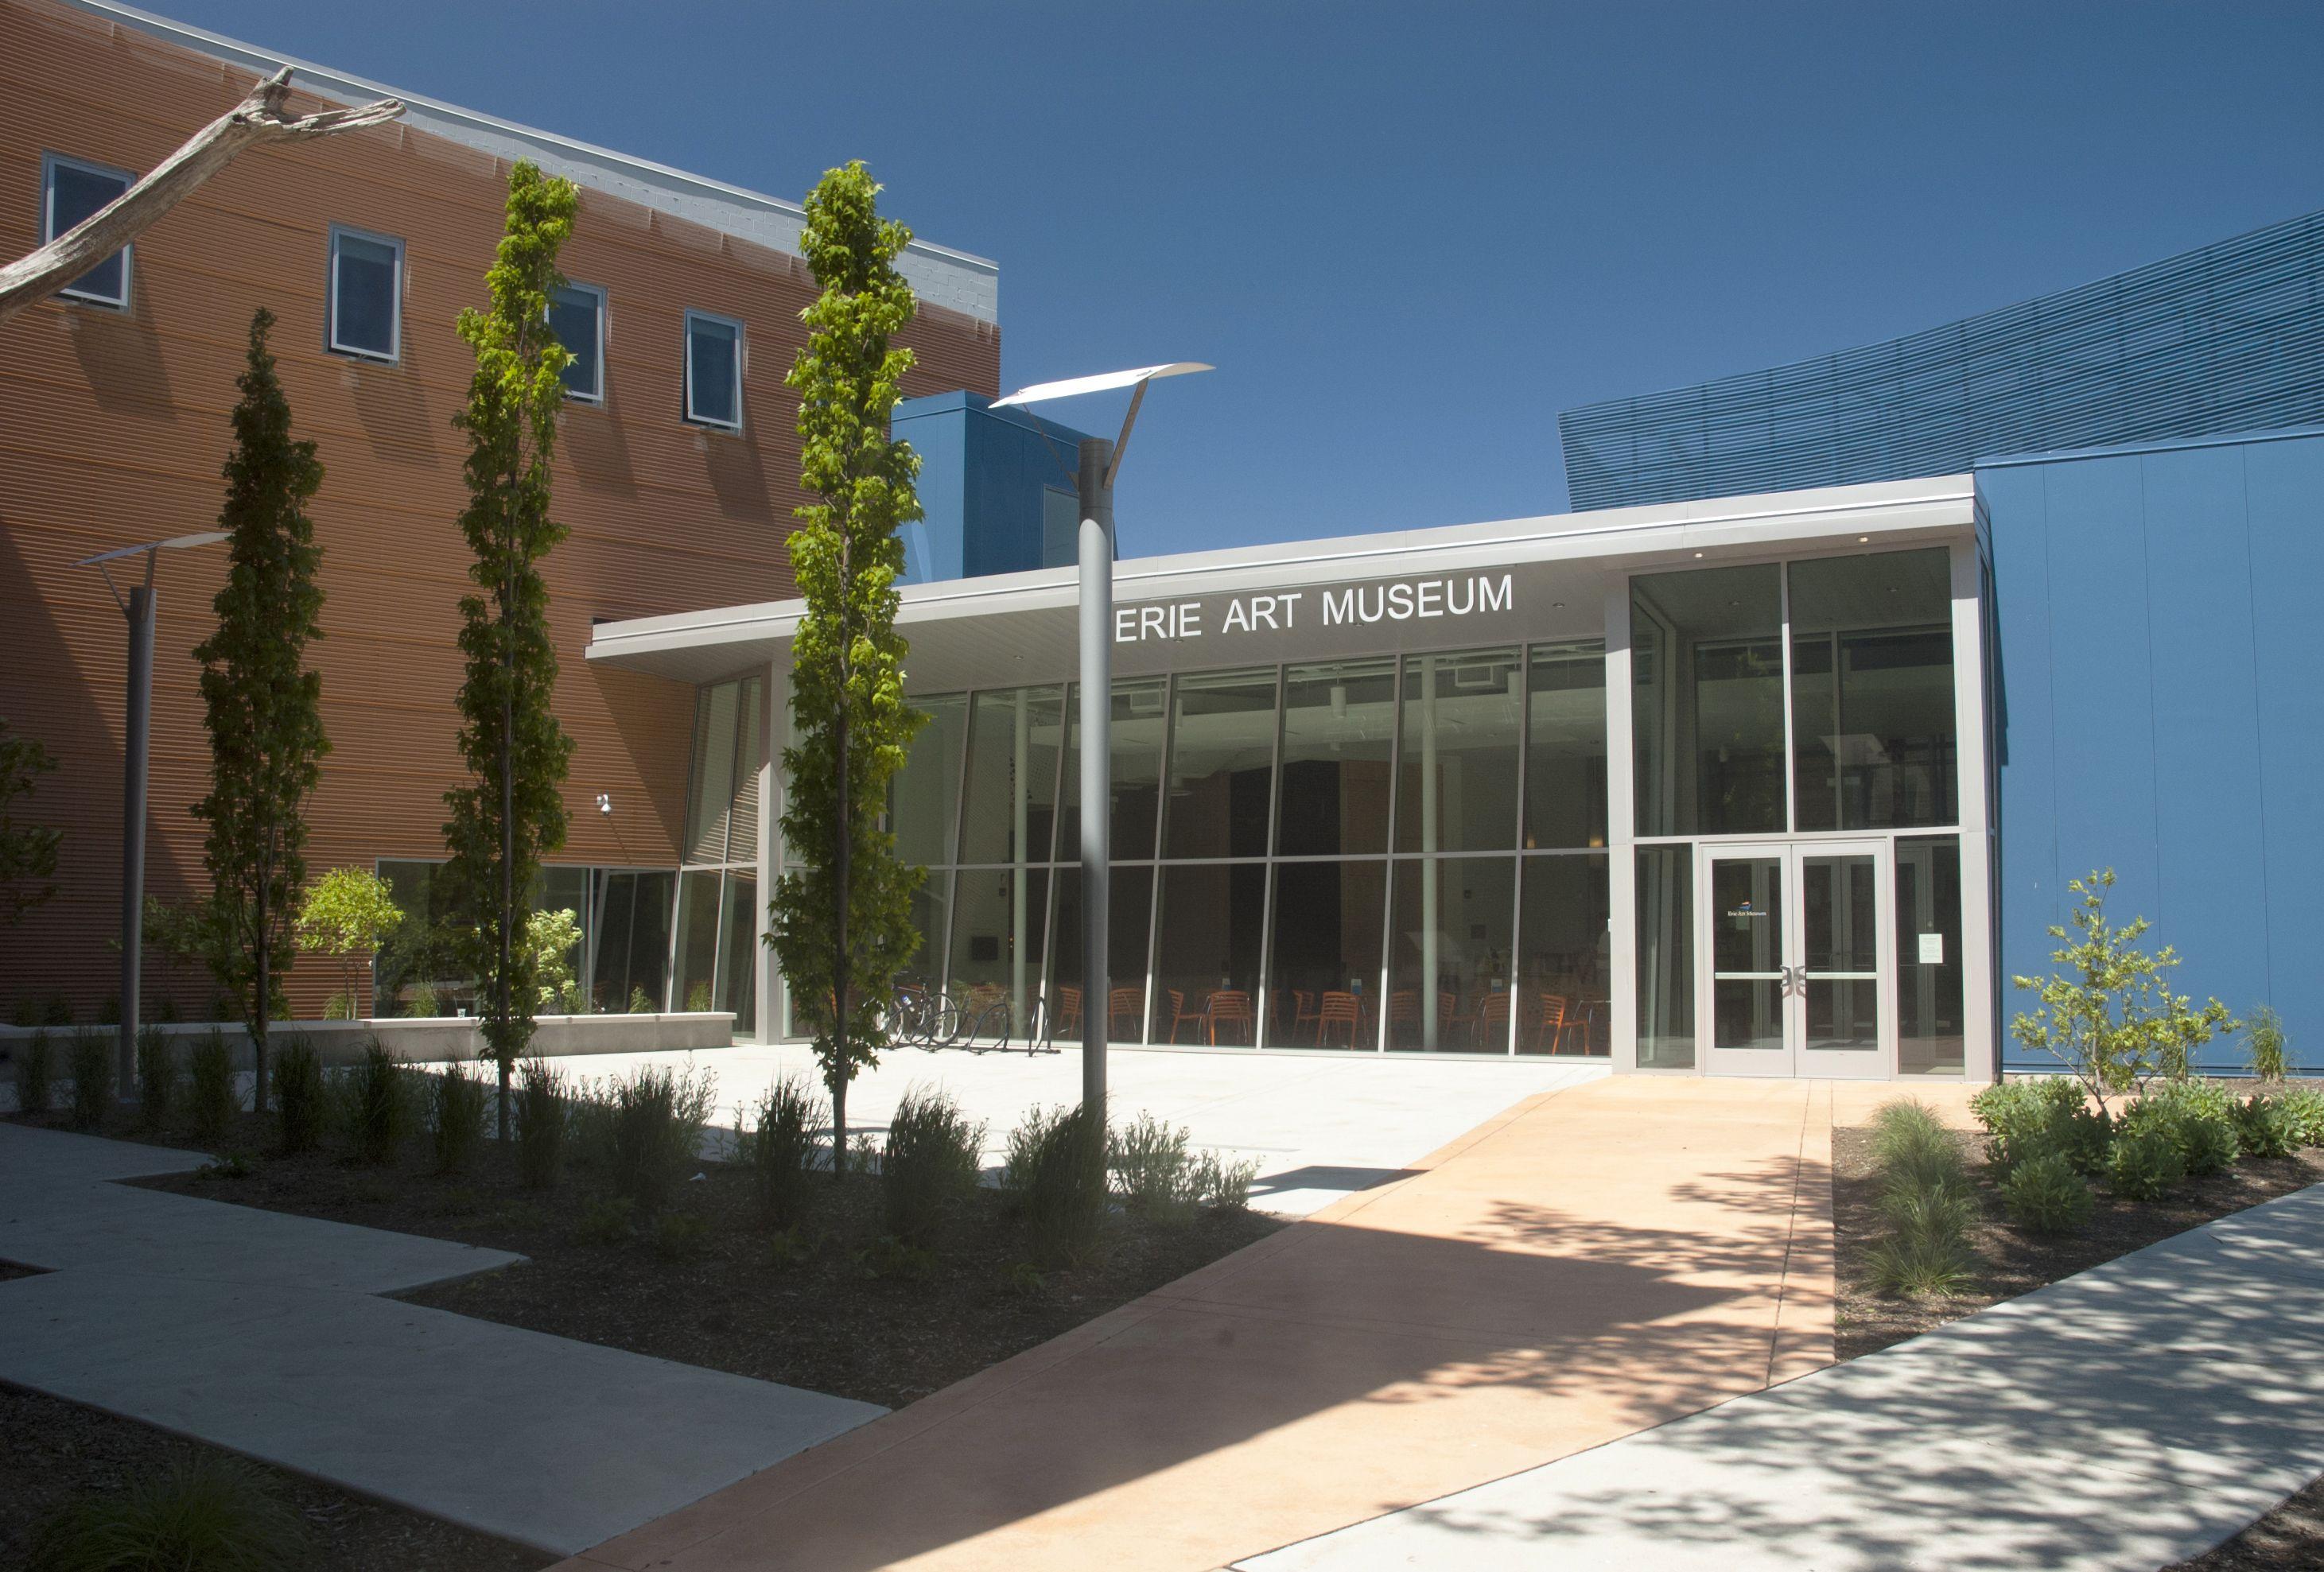 Erie art museum erie pennsylvania